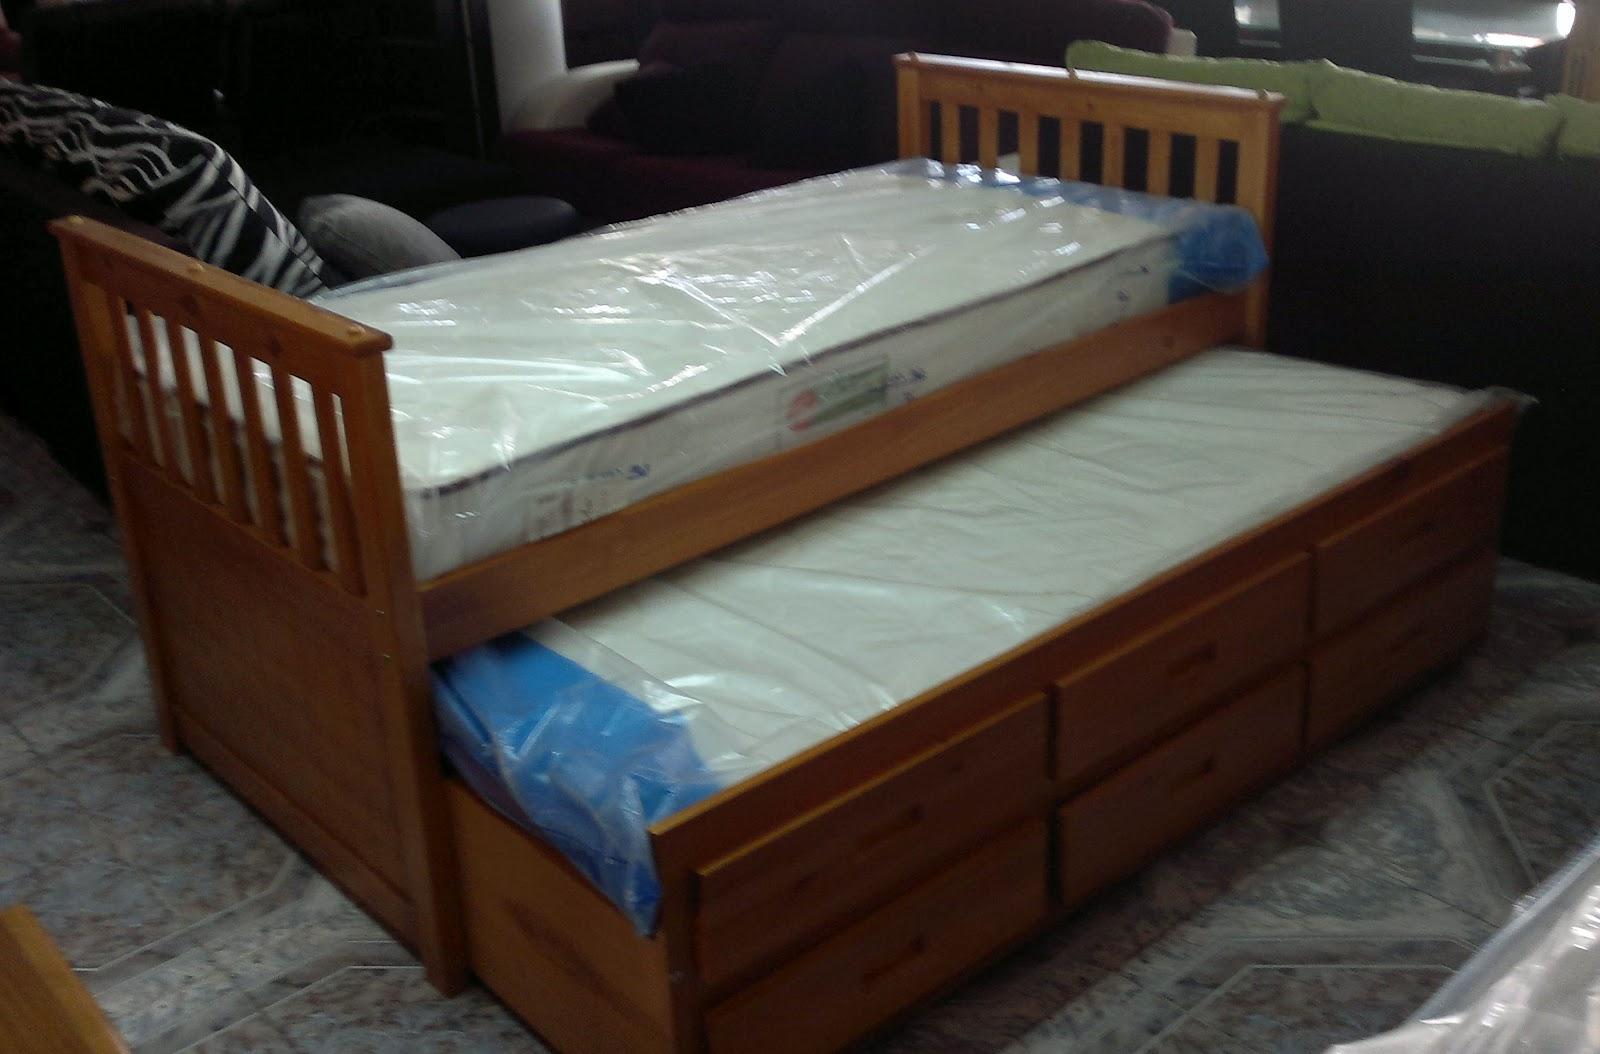 Karruzel del hogar cama nido for Cama nido de 3 camas